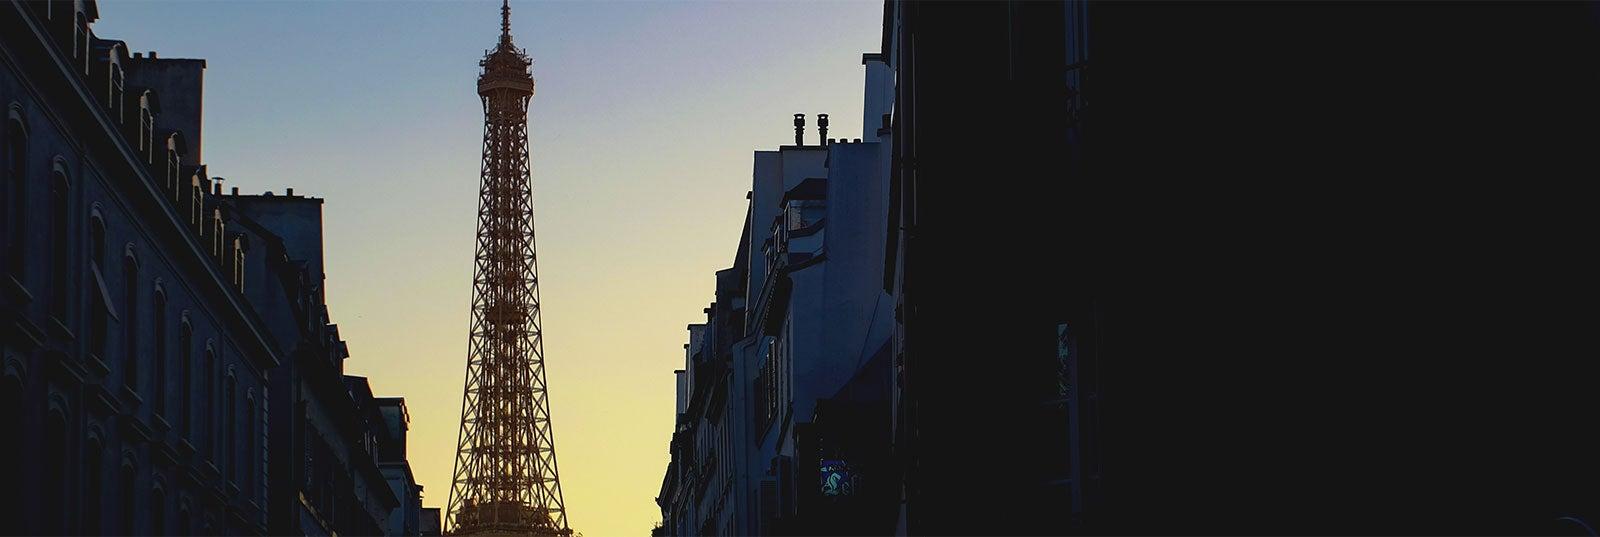 Guía turística de Parigi